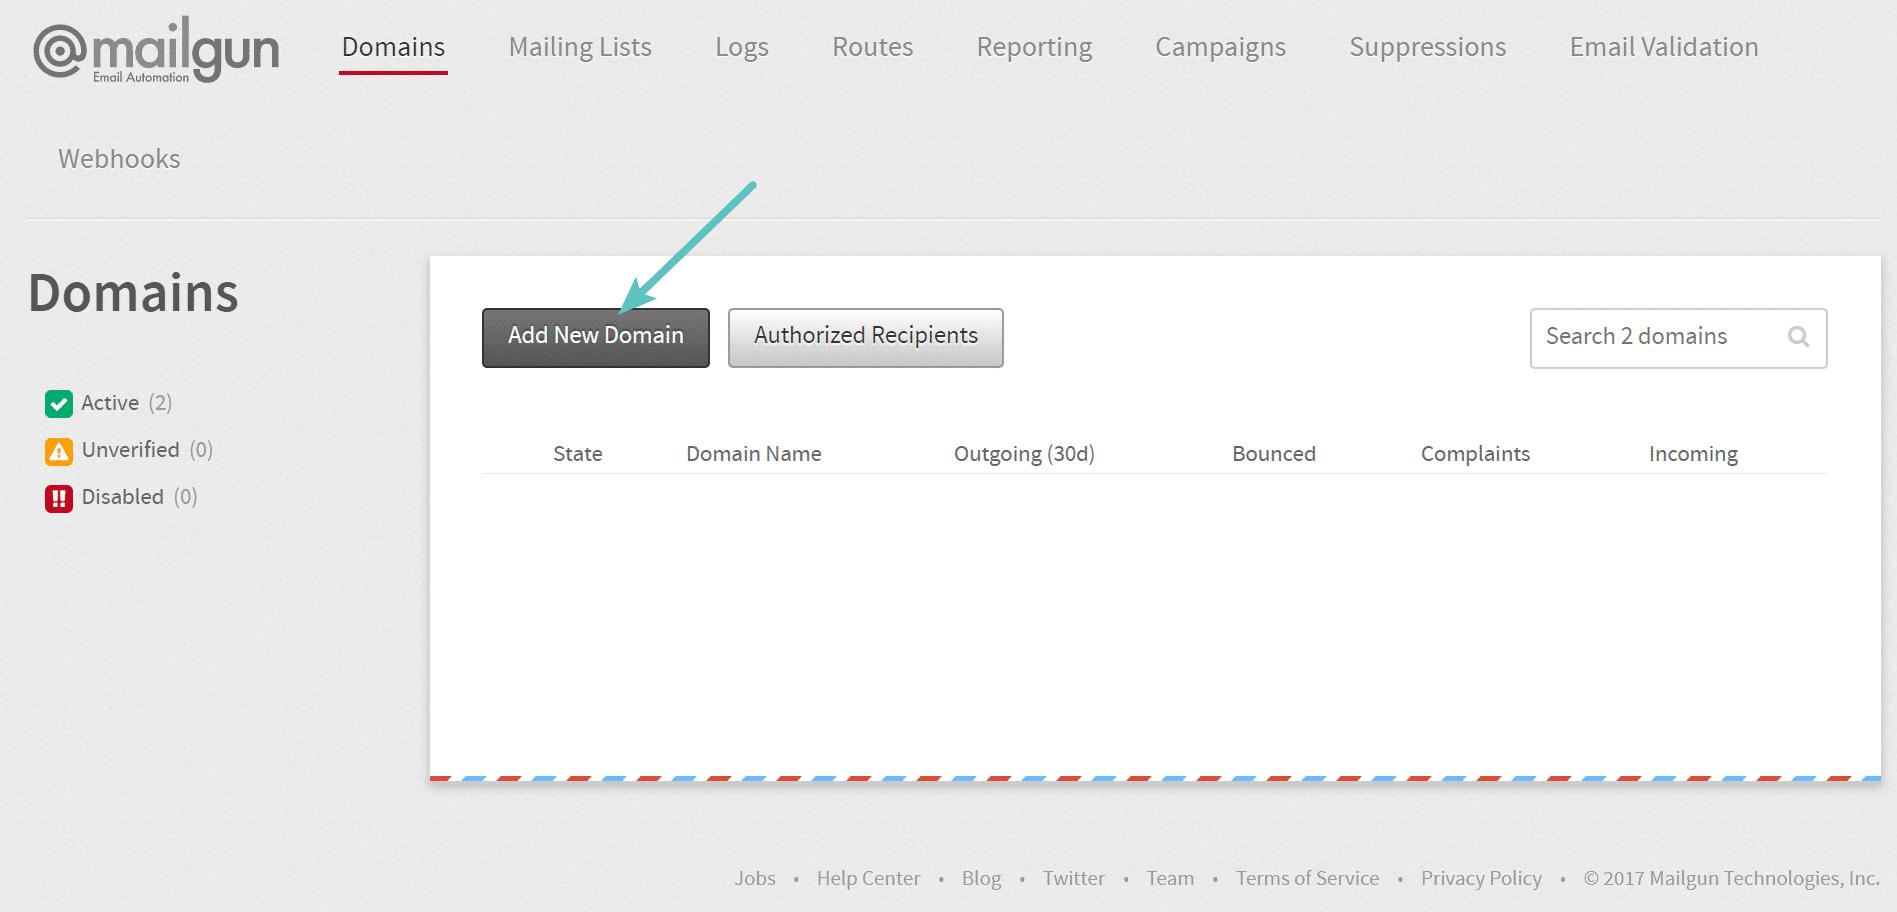 Adicionar novo domínio no Mailgun